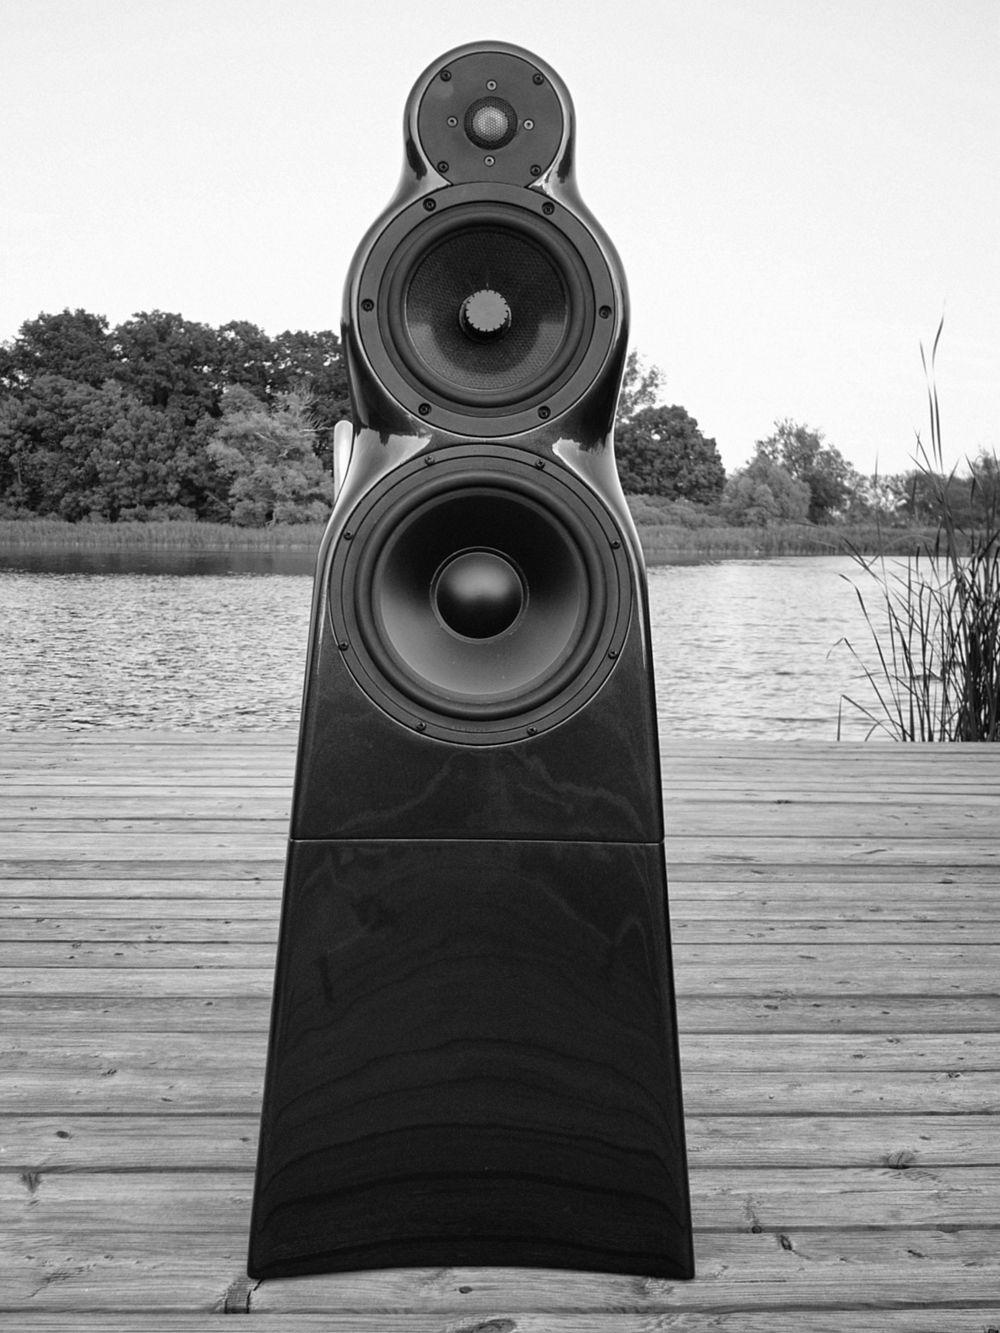 espiat-gds-audio-r01-designlautsprecherbau-schwarz-web-3